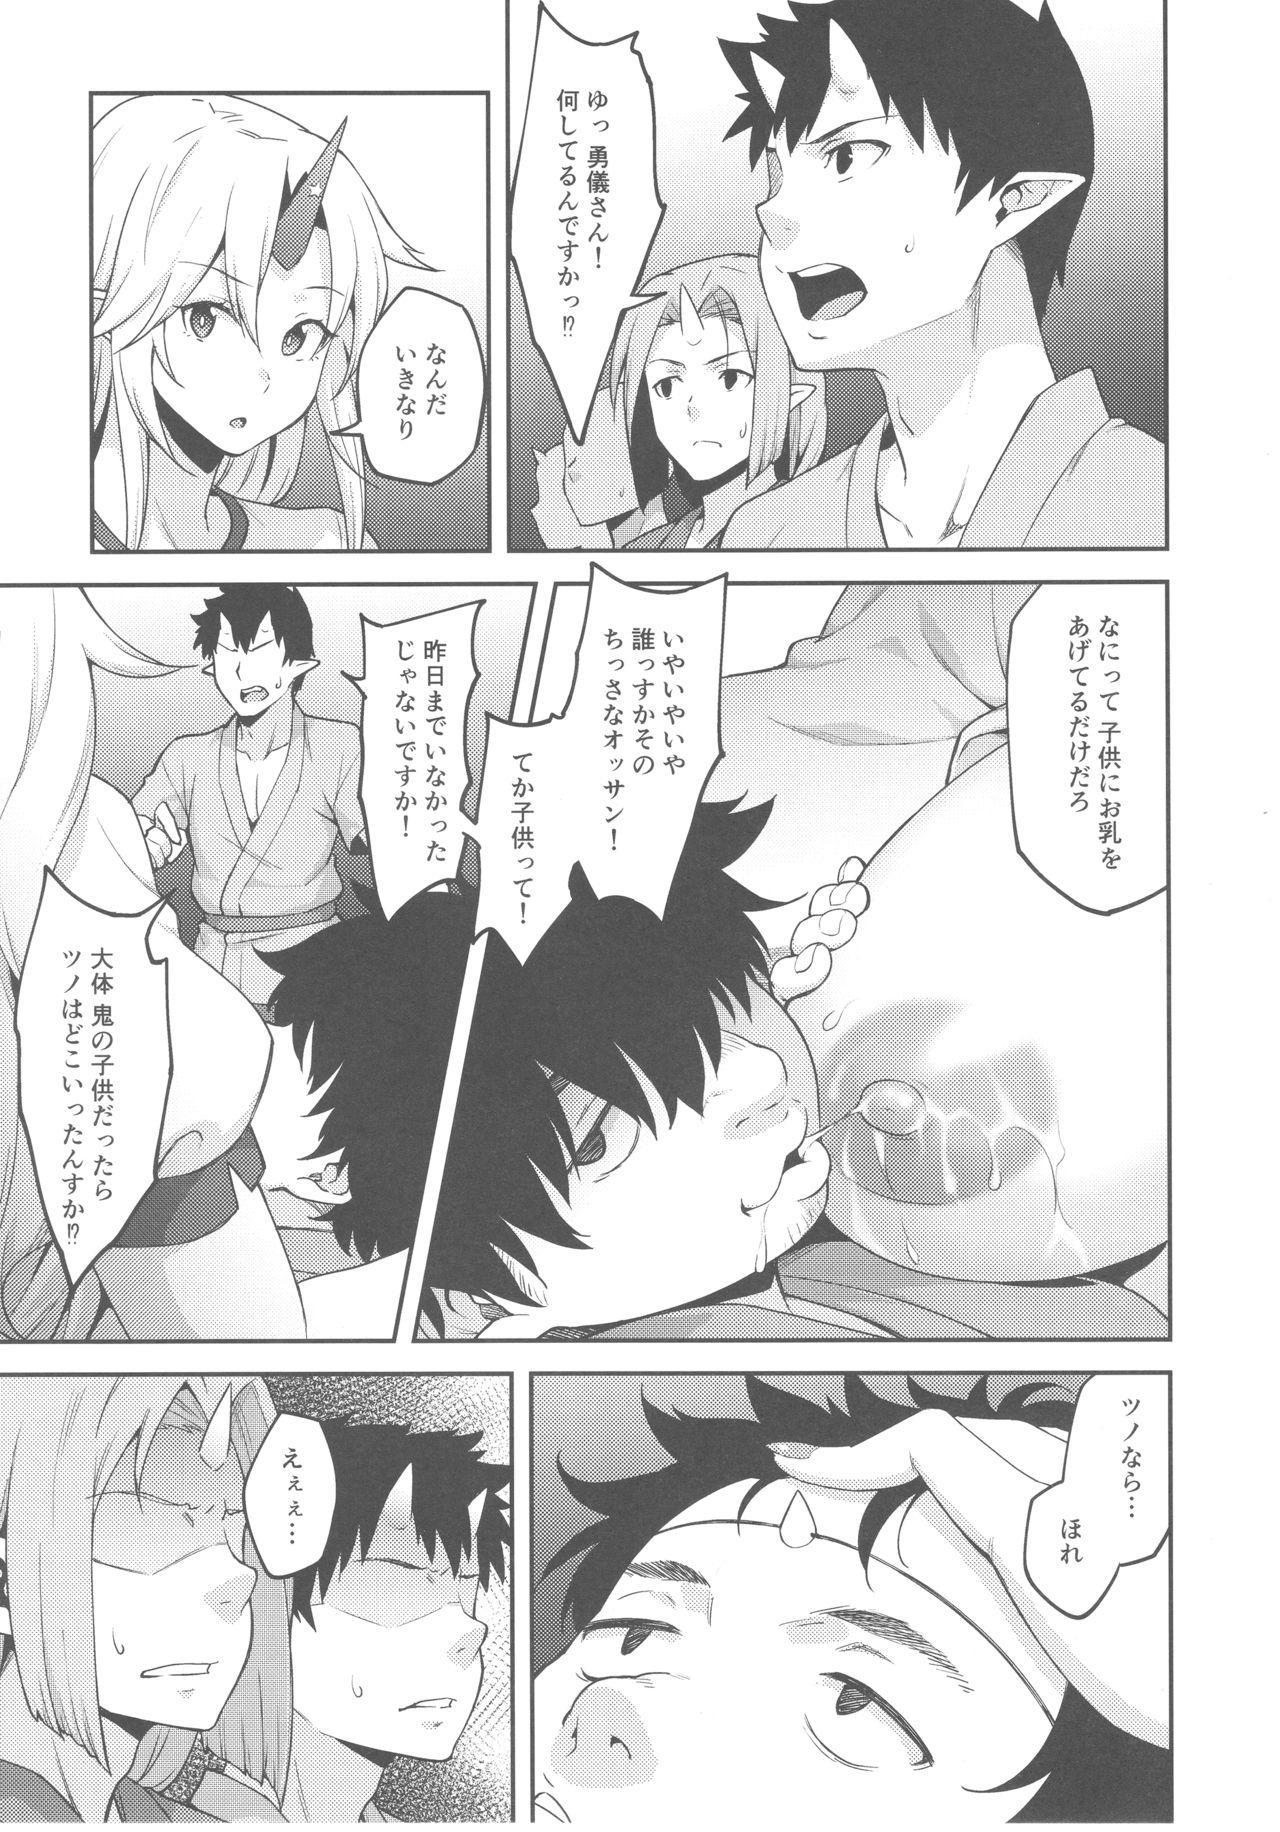 Gensoukyou ni Tensei Shita no de Saimin Appli de Hoshiguma Yuugi o Kodomo no Tame nara Nandemo Shichau Mama ni Shite Yatta 5